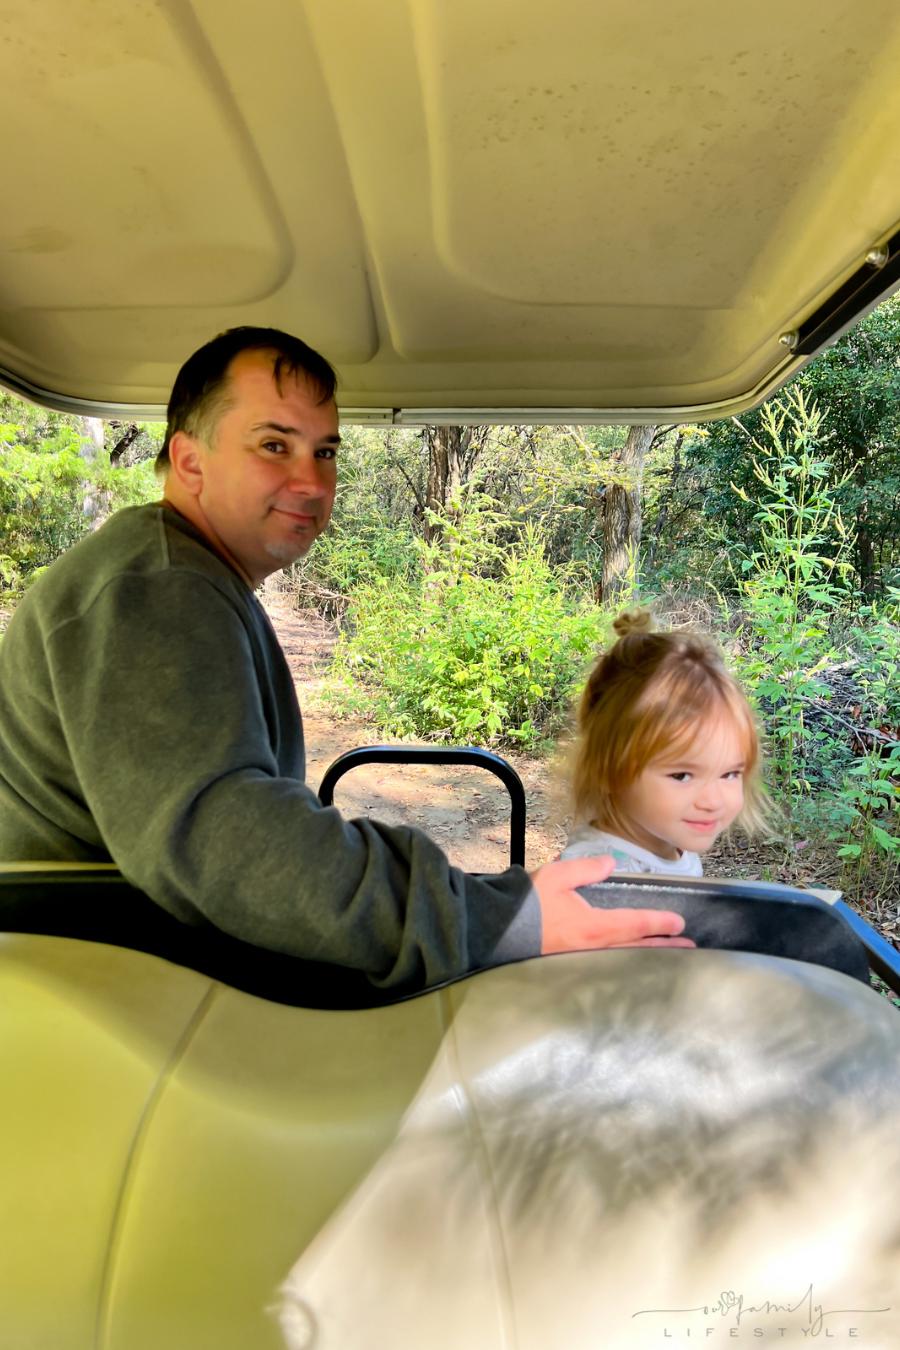 golf cart rentals at Jellystone Park